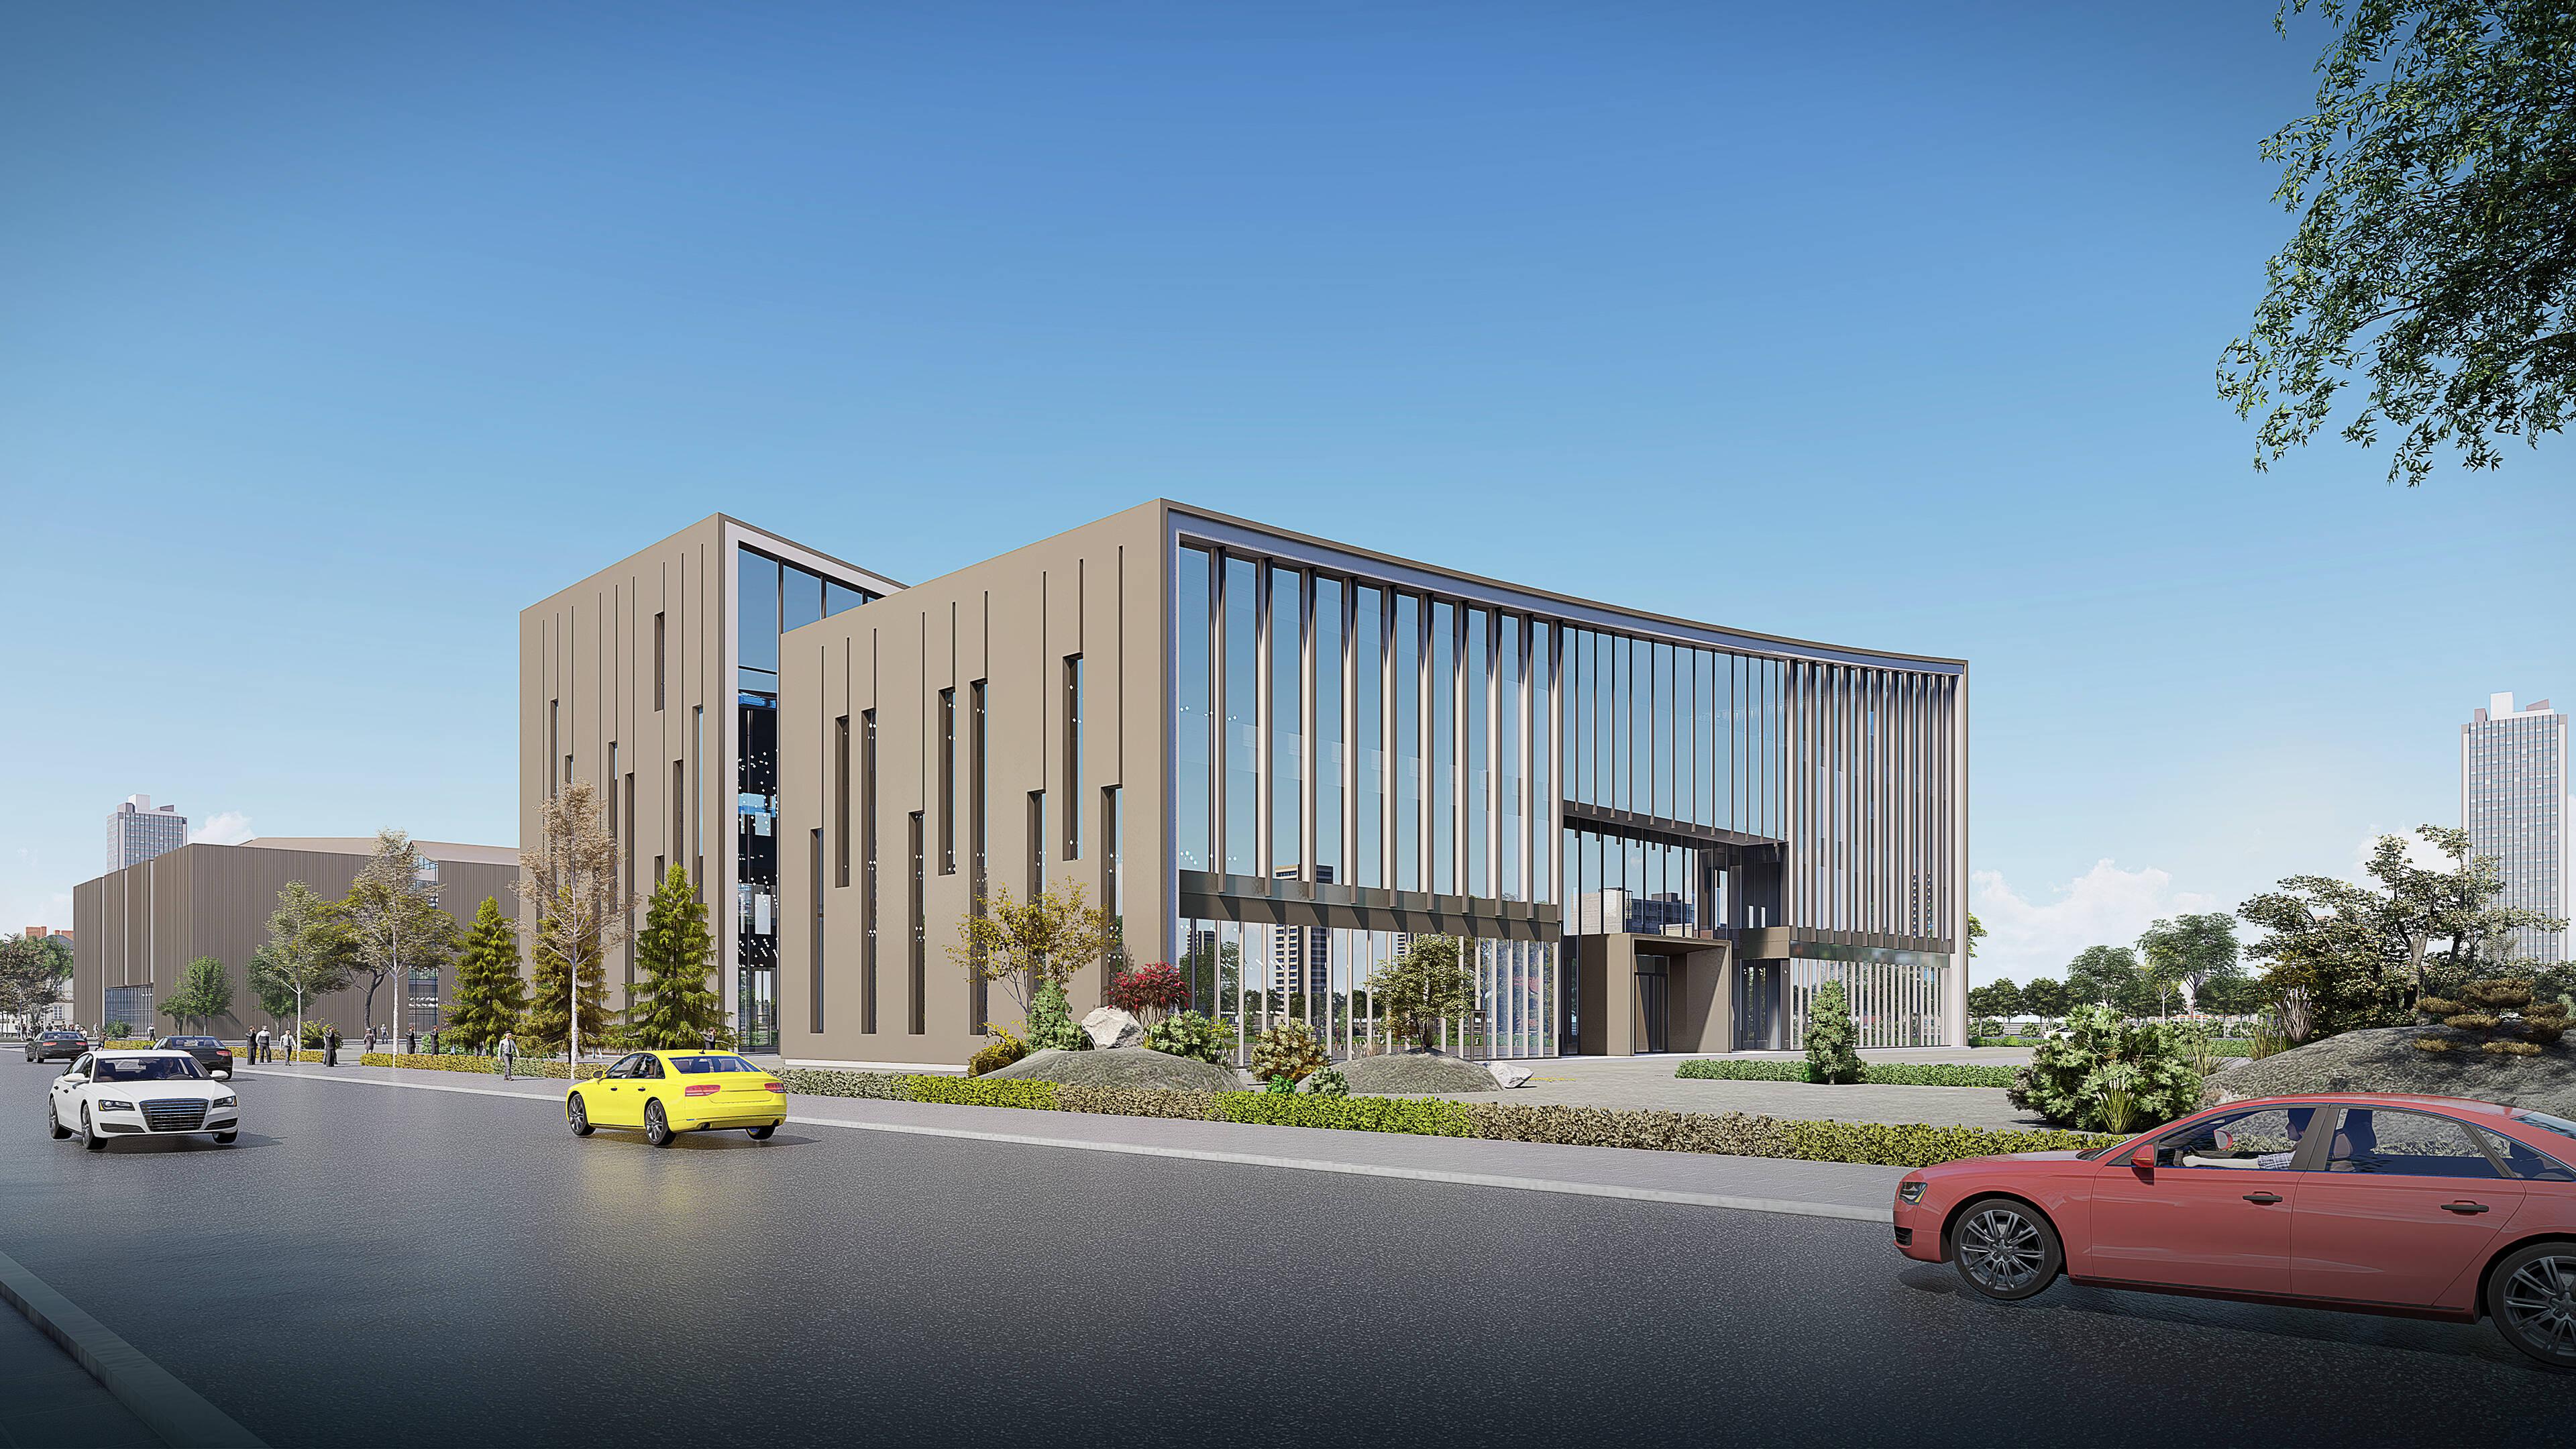 29秒丨日照海曲图书馆、档案馆项目预计11月完成主体建设